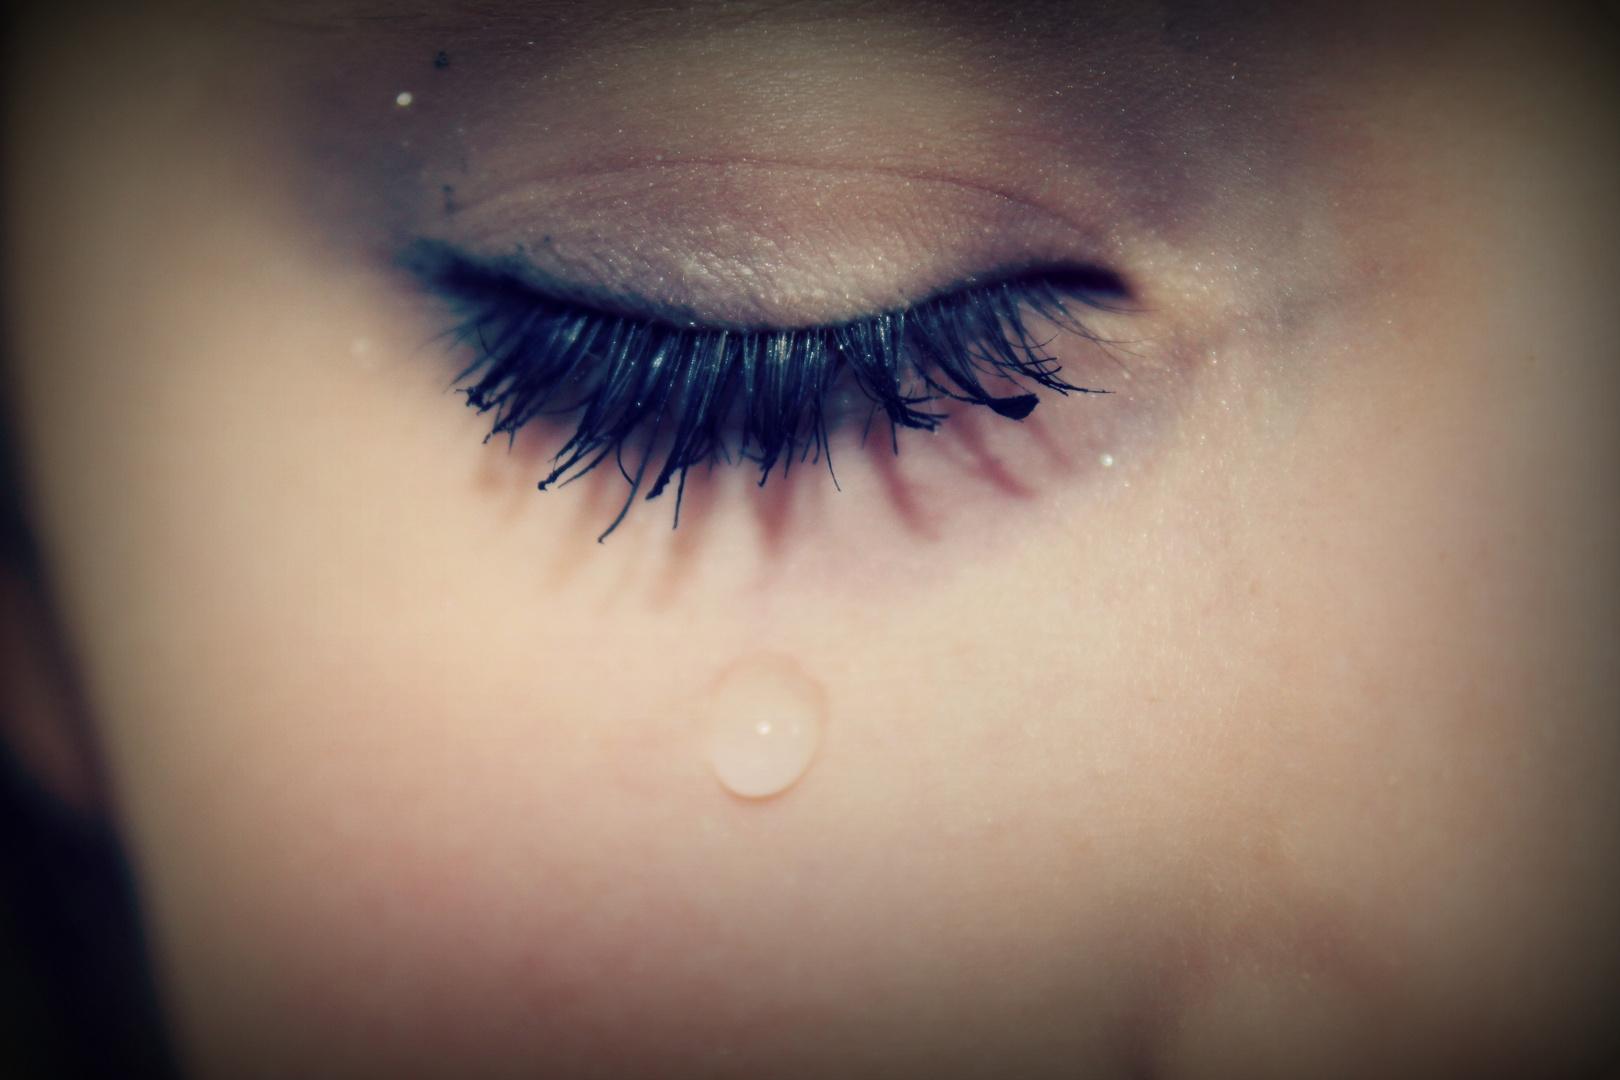 Meist belehrt erst der Verlust uns über den Wert der Dinge.